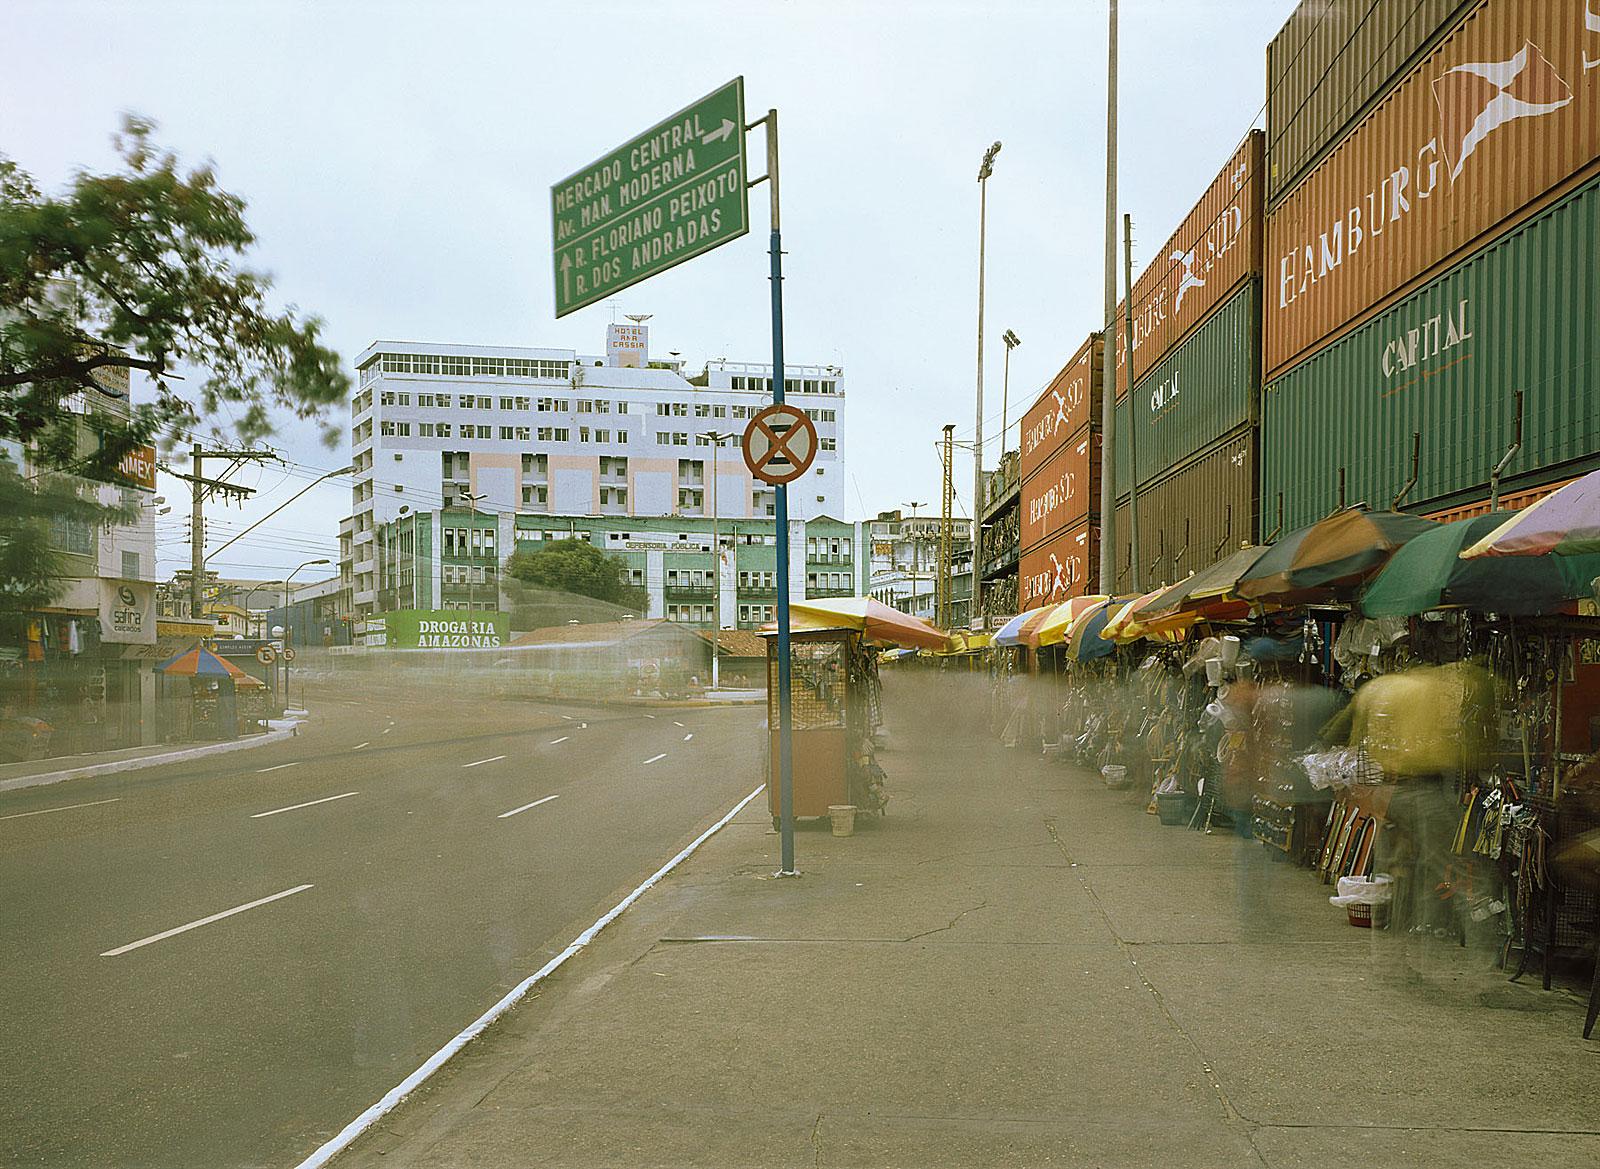 Containers, Manaus (11.13 - 11.23 Uhr, 28.7.2003)